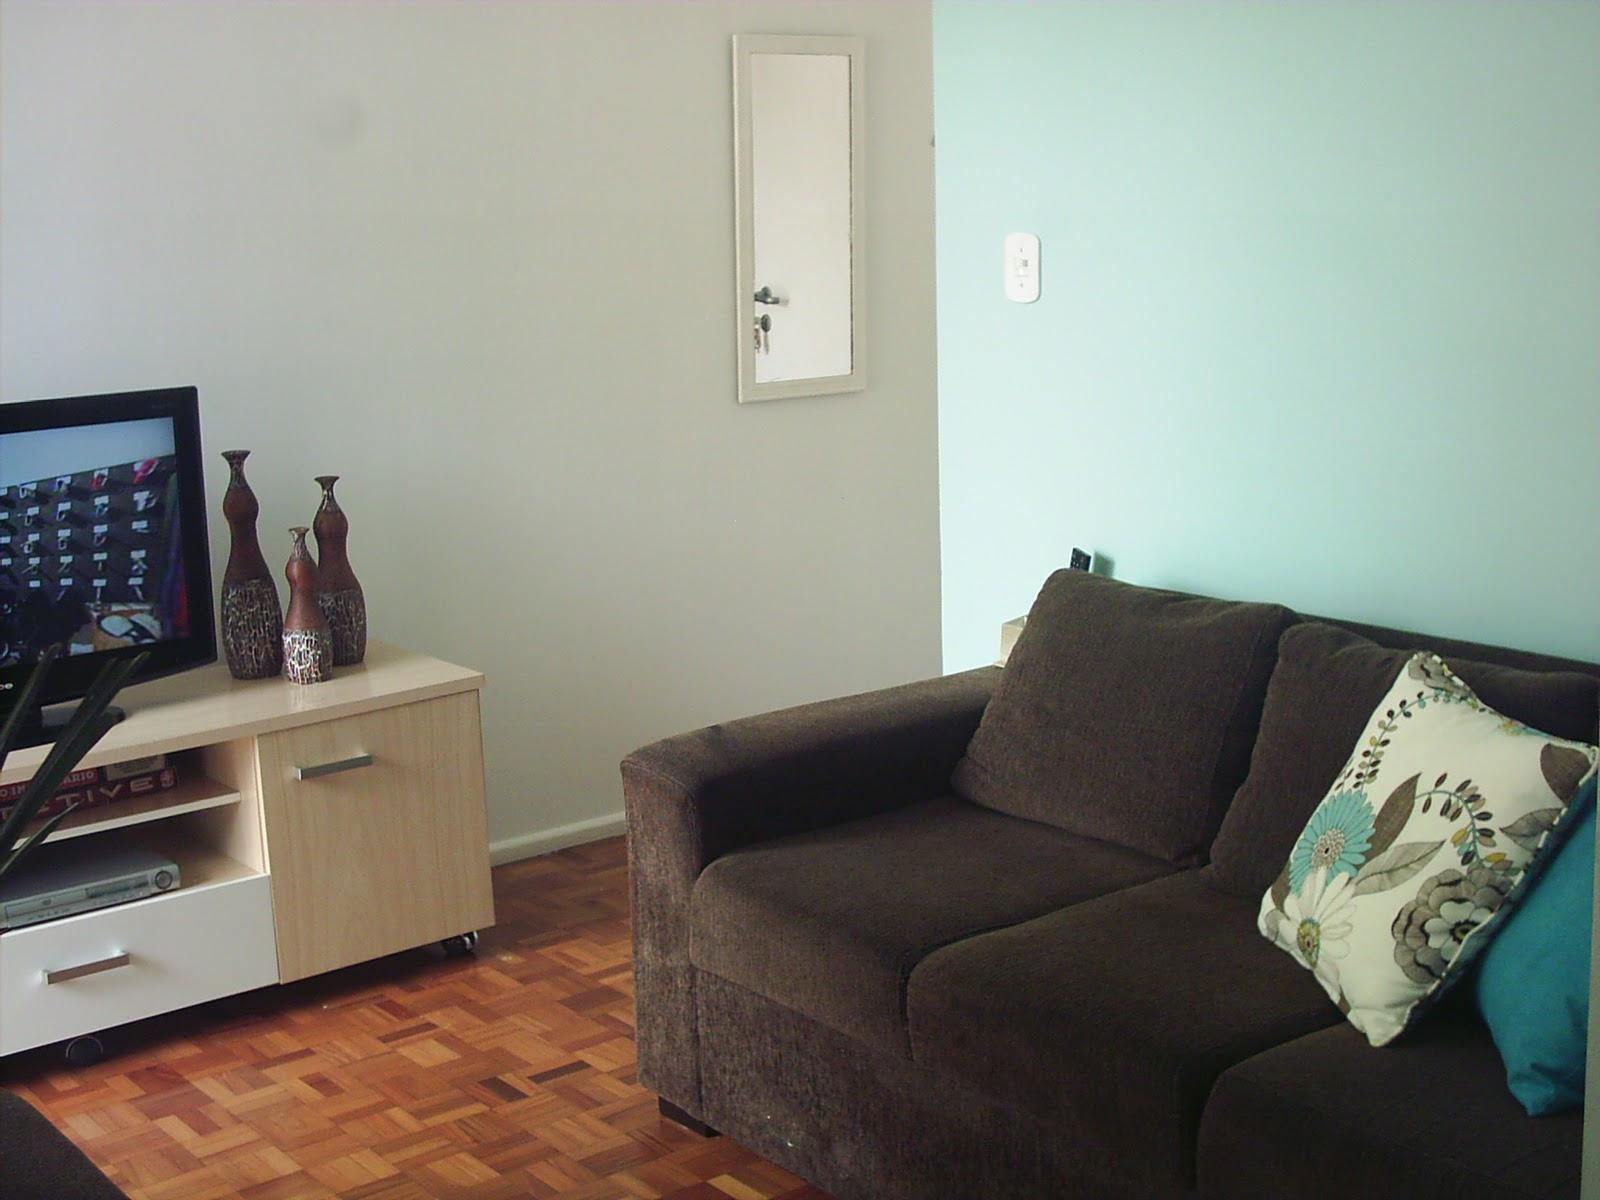 Sala Pequena Sofa Retratil ~ decoracao de sala sofa marromENTRE E SINTASE EM CASA Decorando com